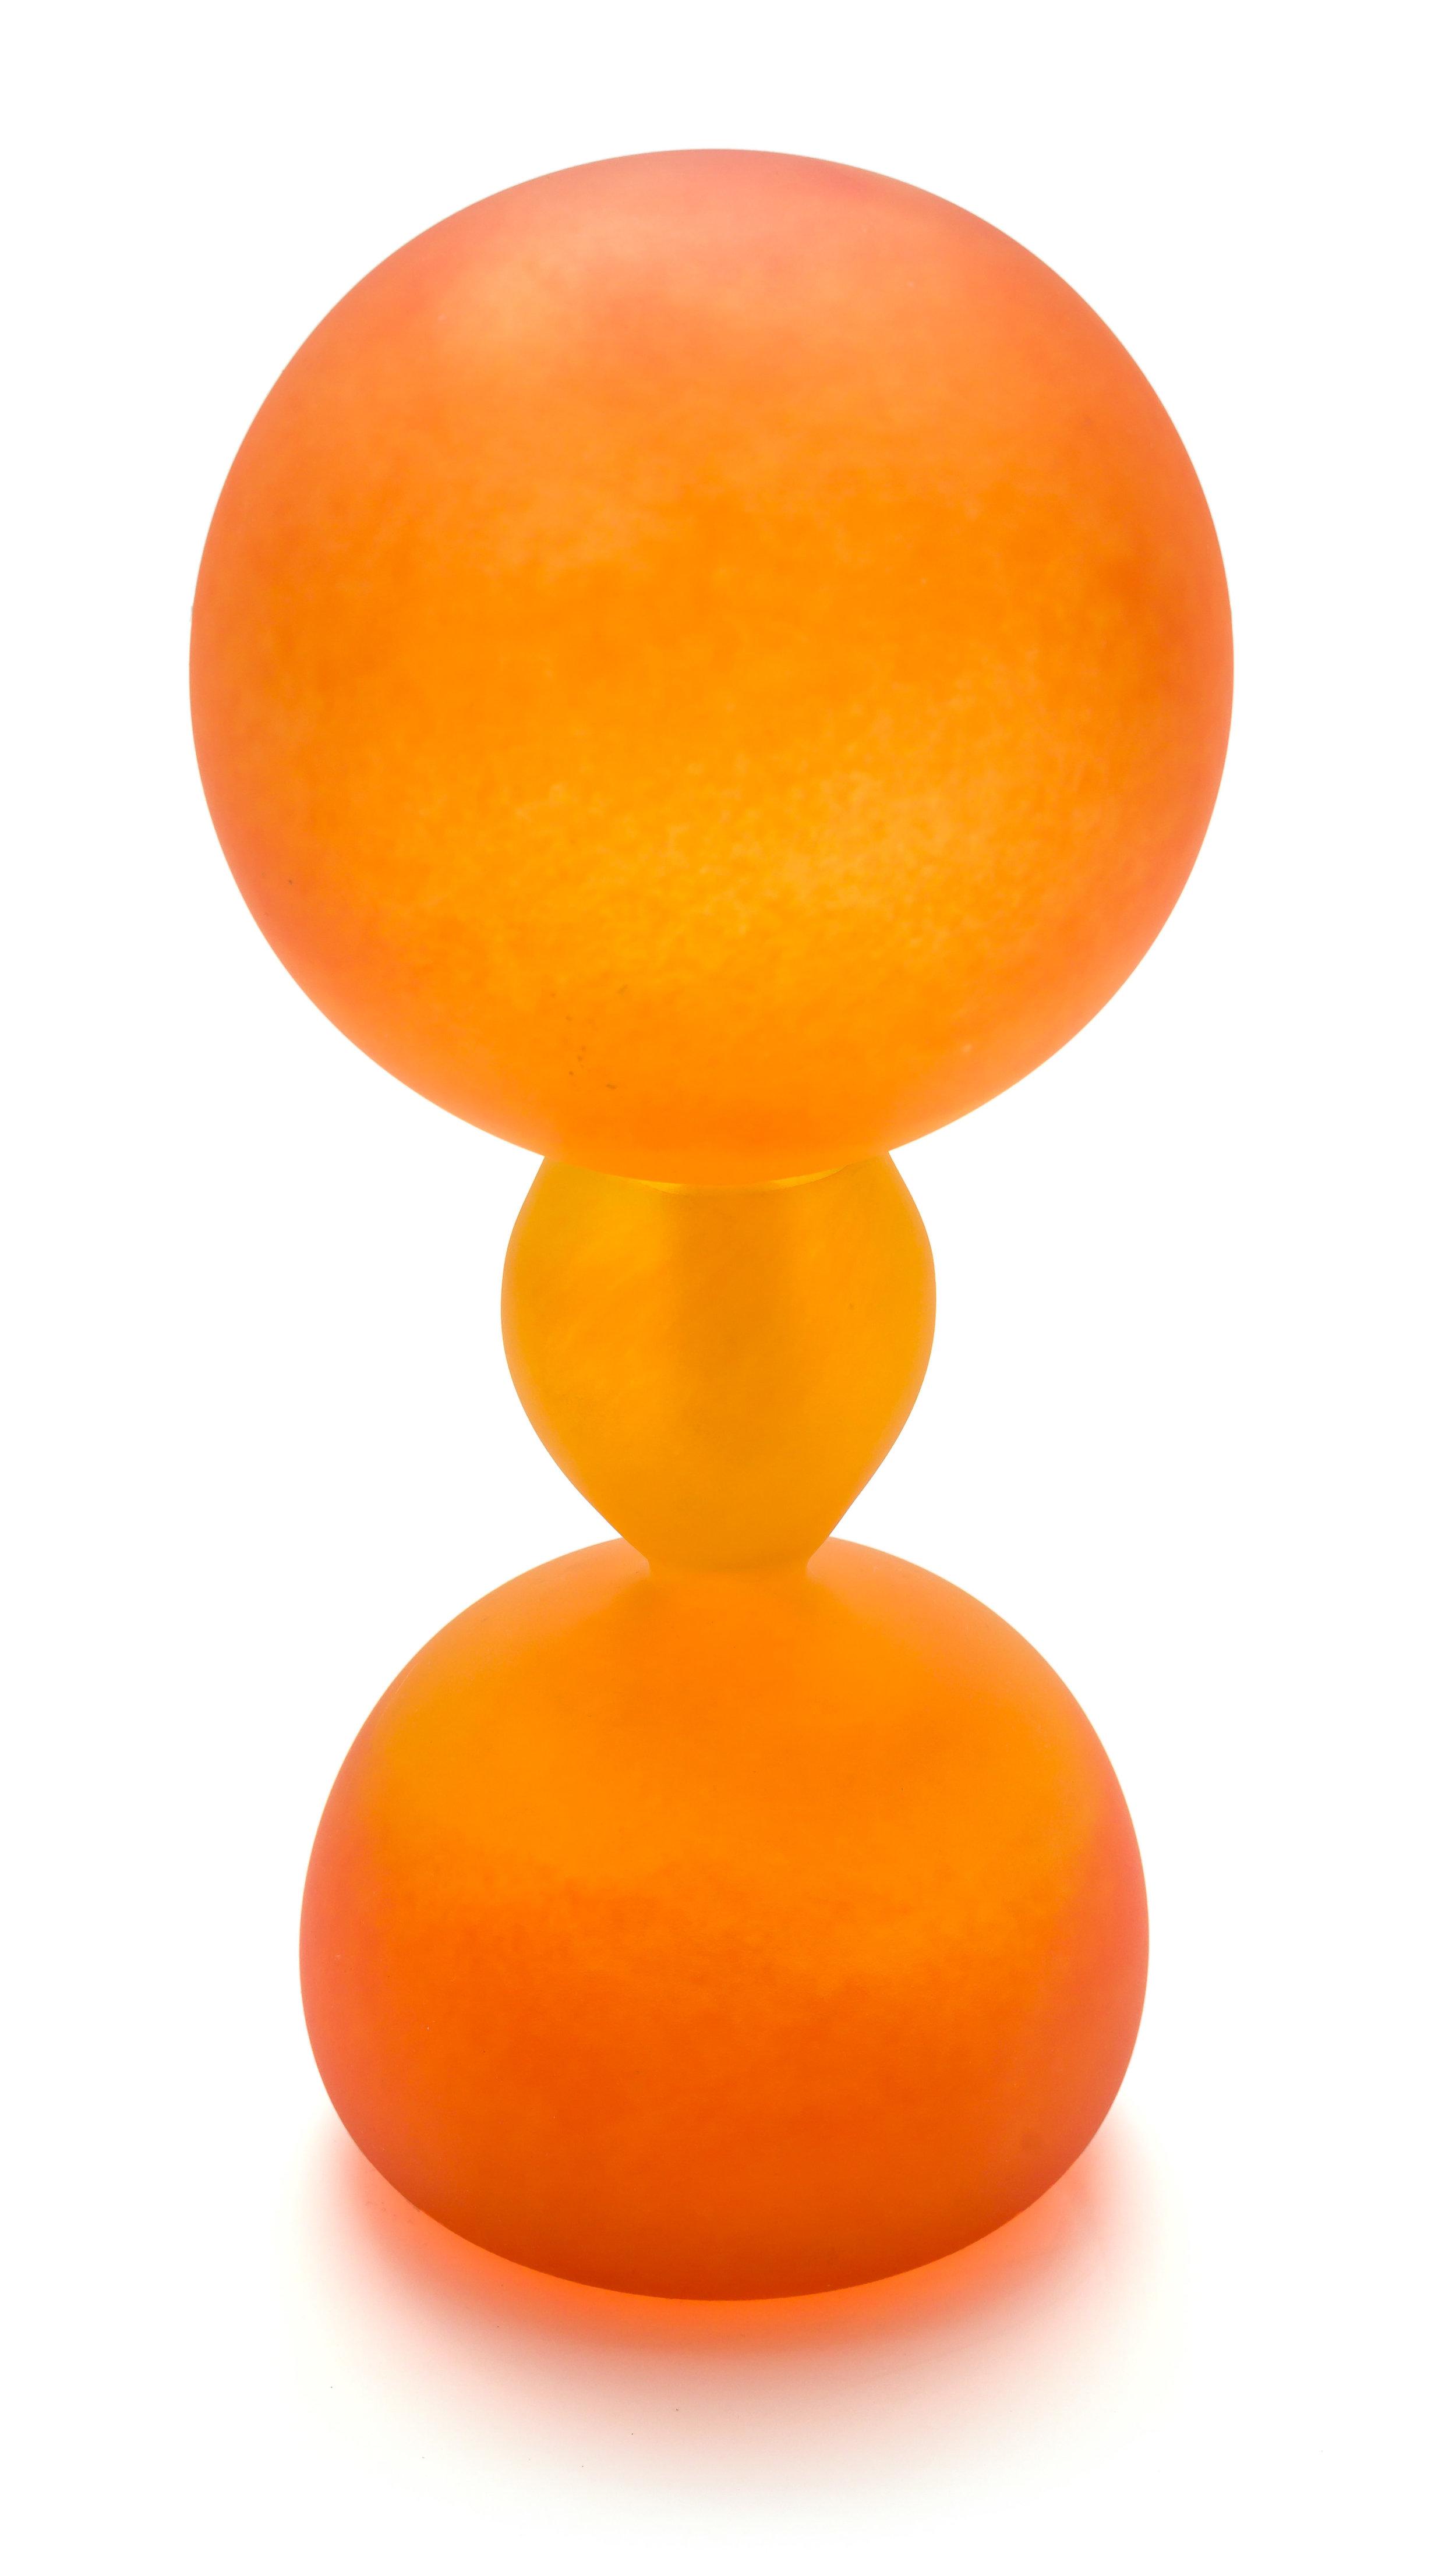 Raeside_Summa orange:saffron 400.jpg